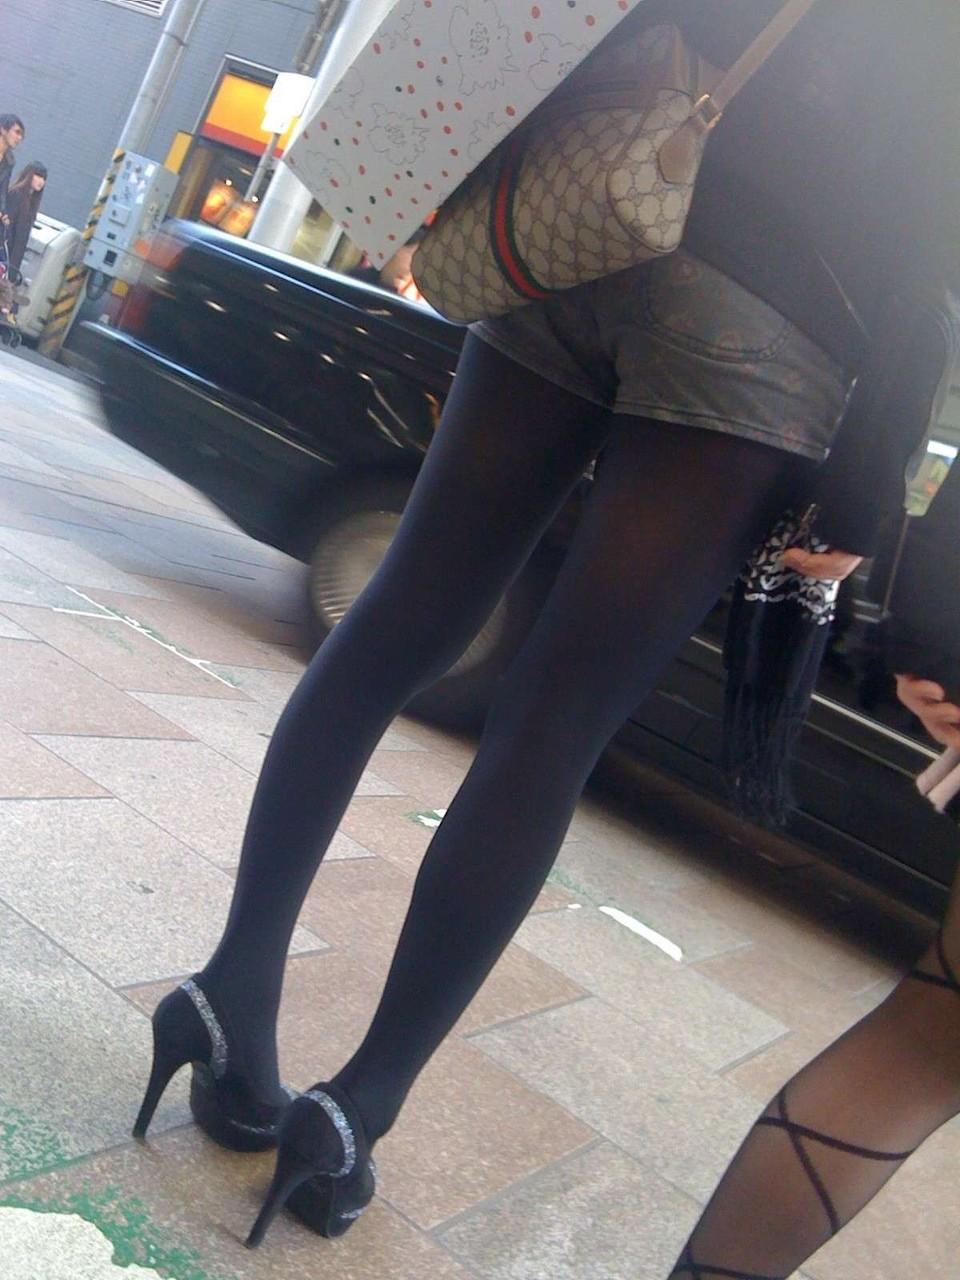 ショートパンツとかいうエロすぎる服装した女達を街撮りした結果wwwwwww KNndEdM